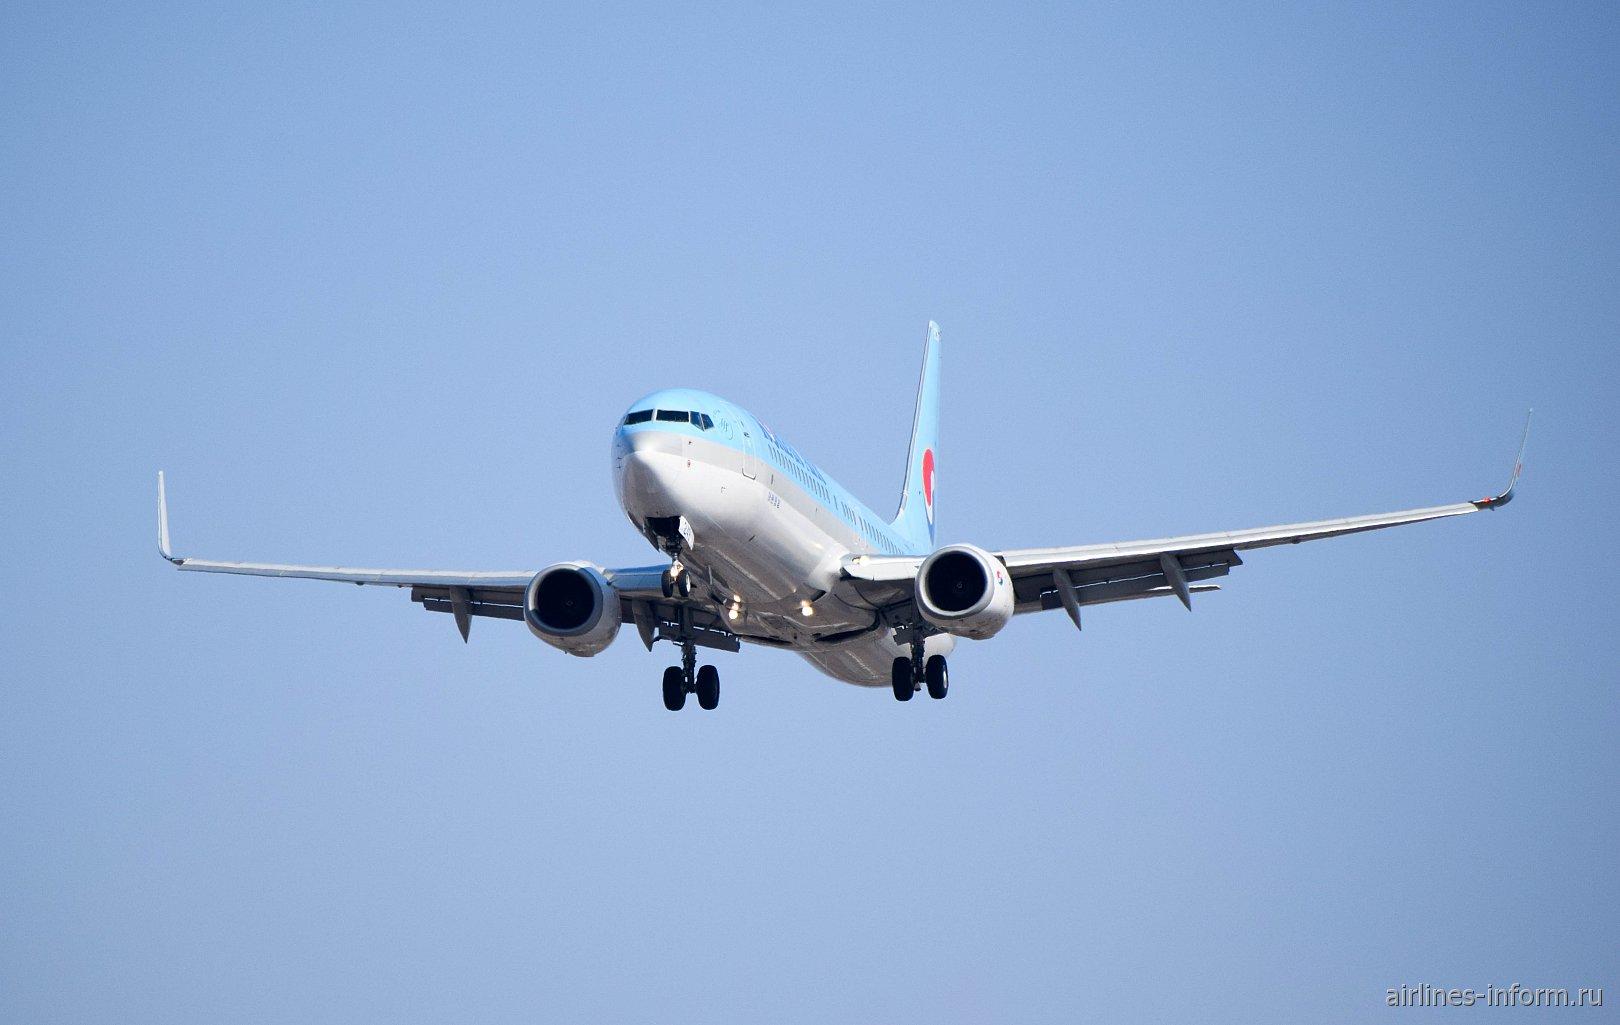 В полете авиалайнер Боинг-737-900 авиакомпании Korean Air